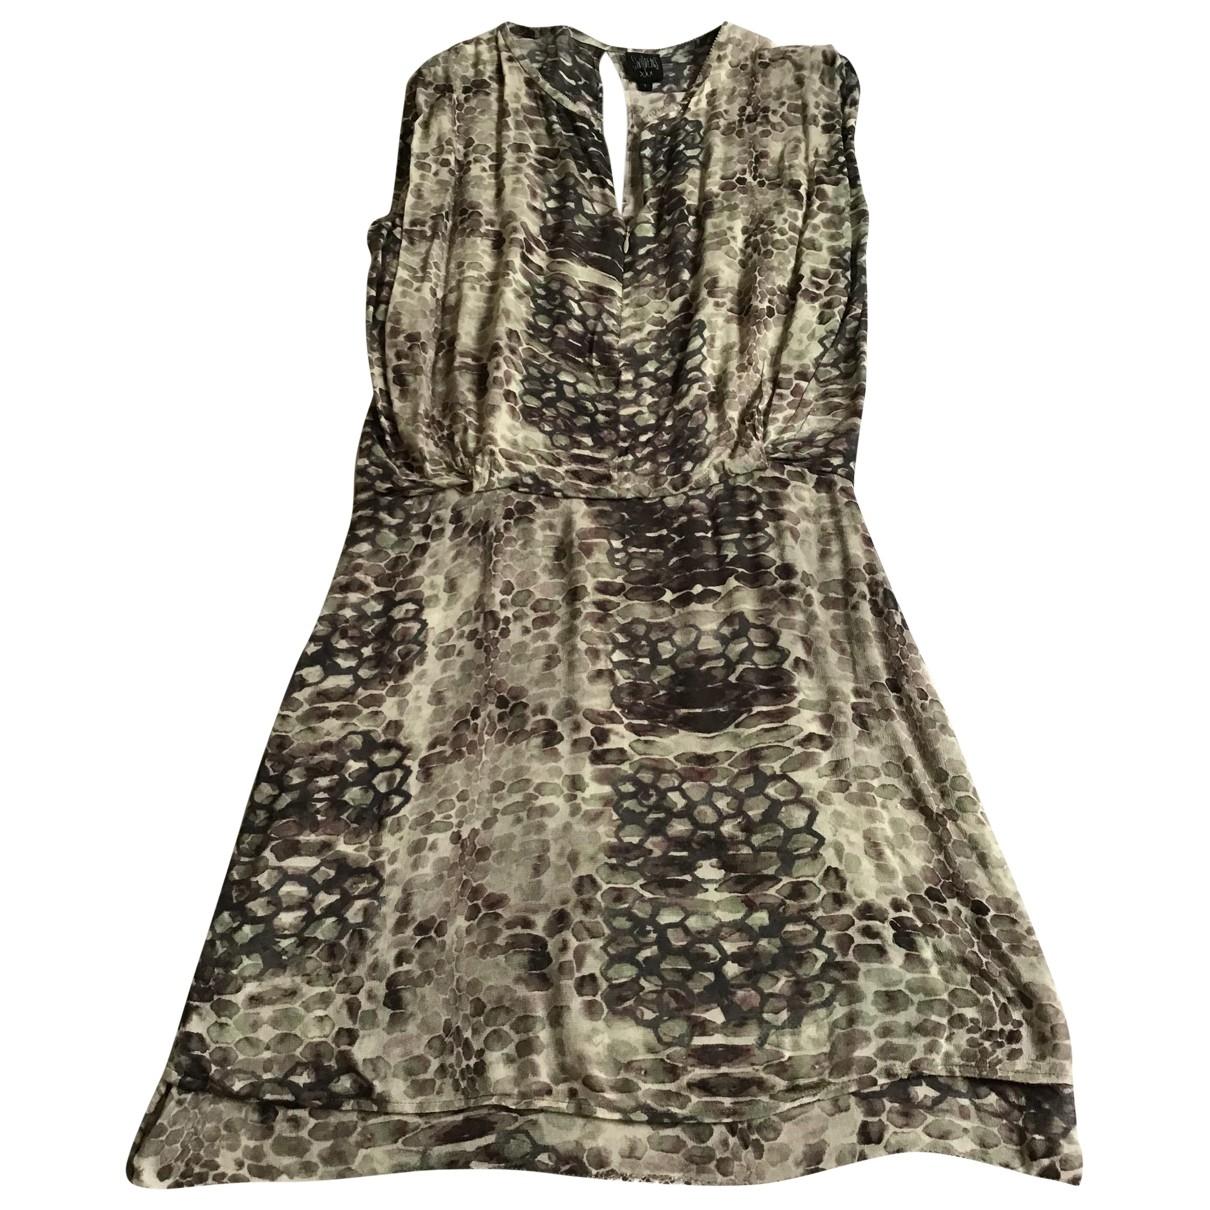 Swildens \N Khaki dress for Women 1 US